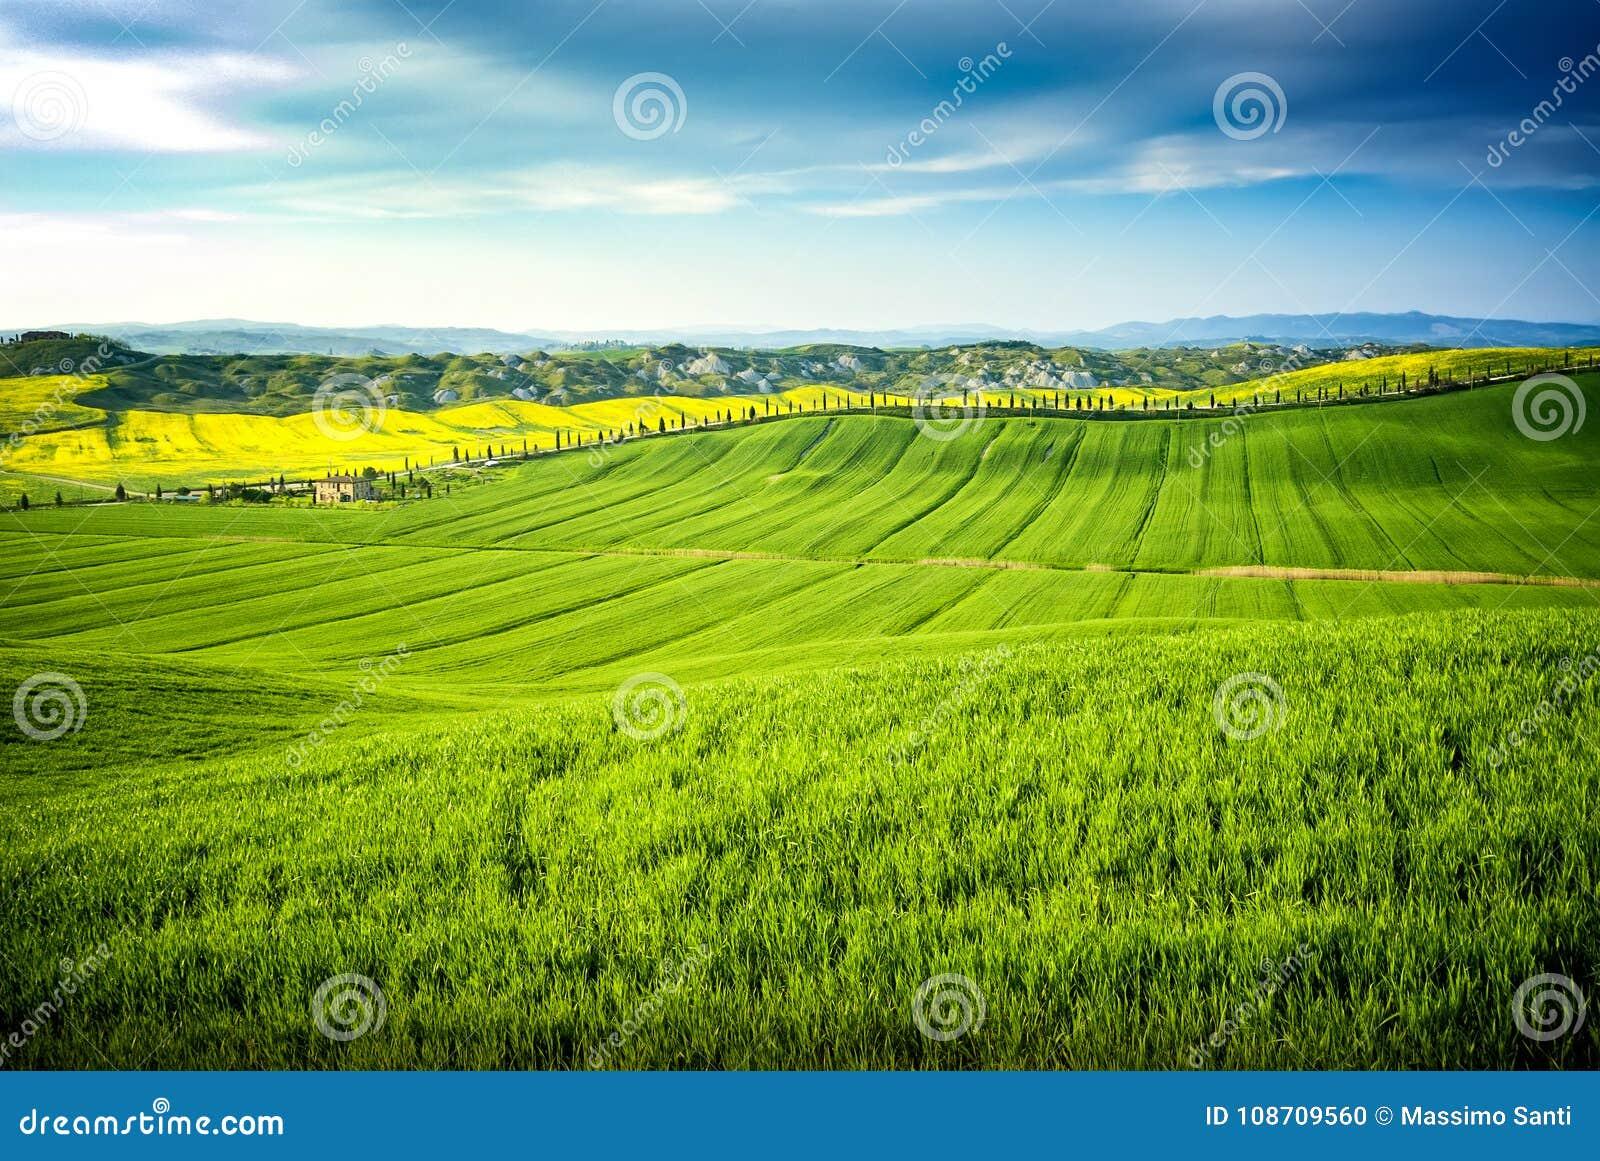 Fiori Gialli Toscana.Arbia Toscana Italia Di Val D Colline Coltivate Con Grano E